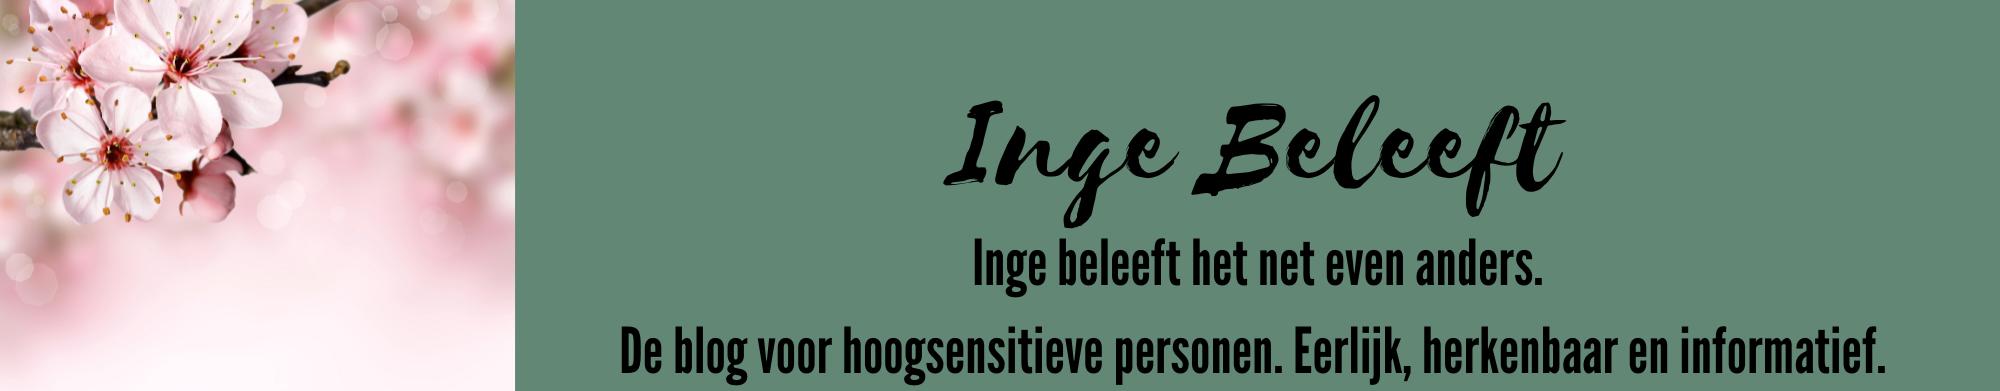 Ingebeleeft.nl